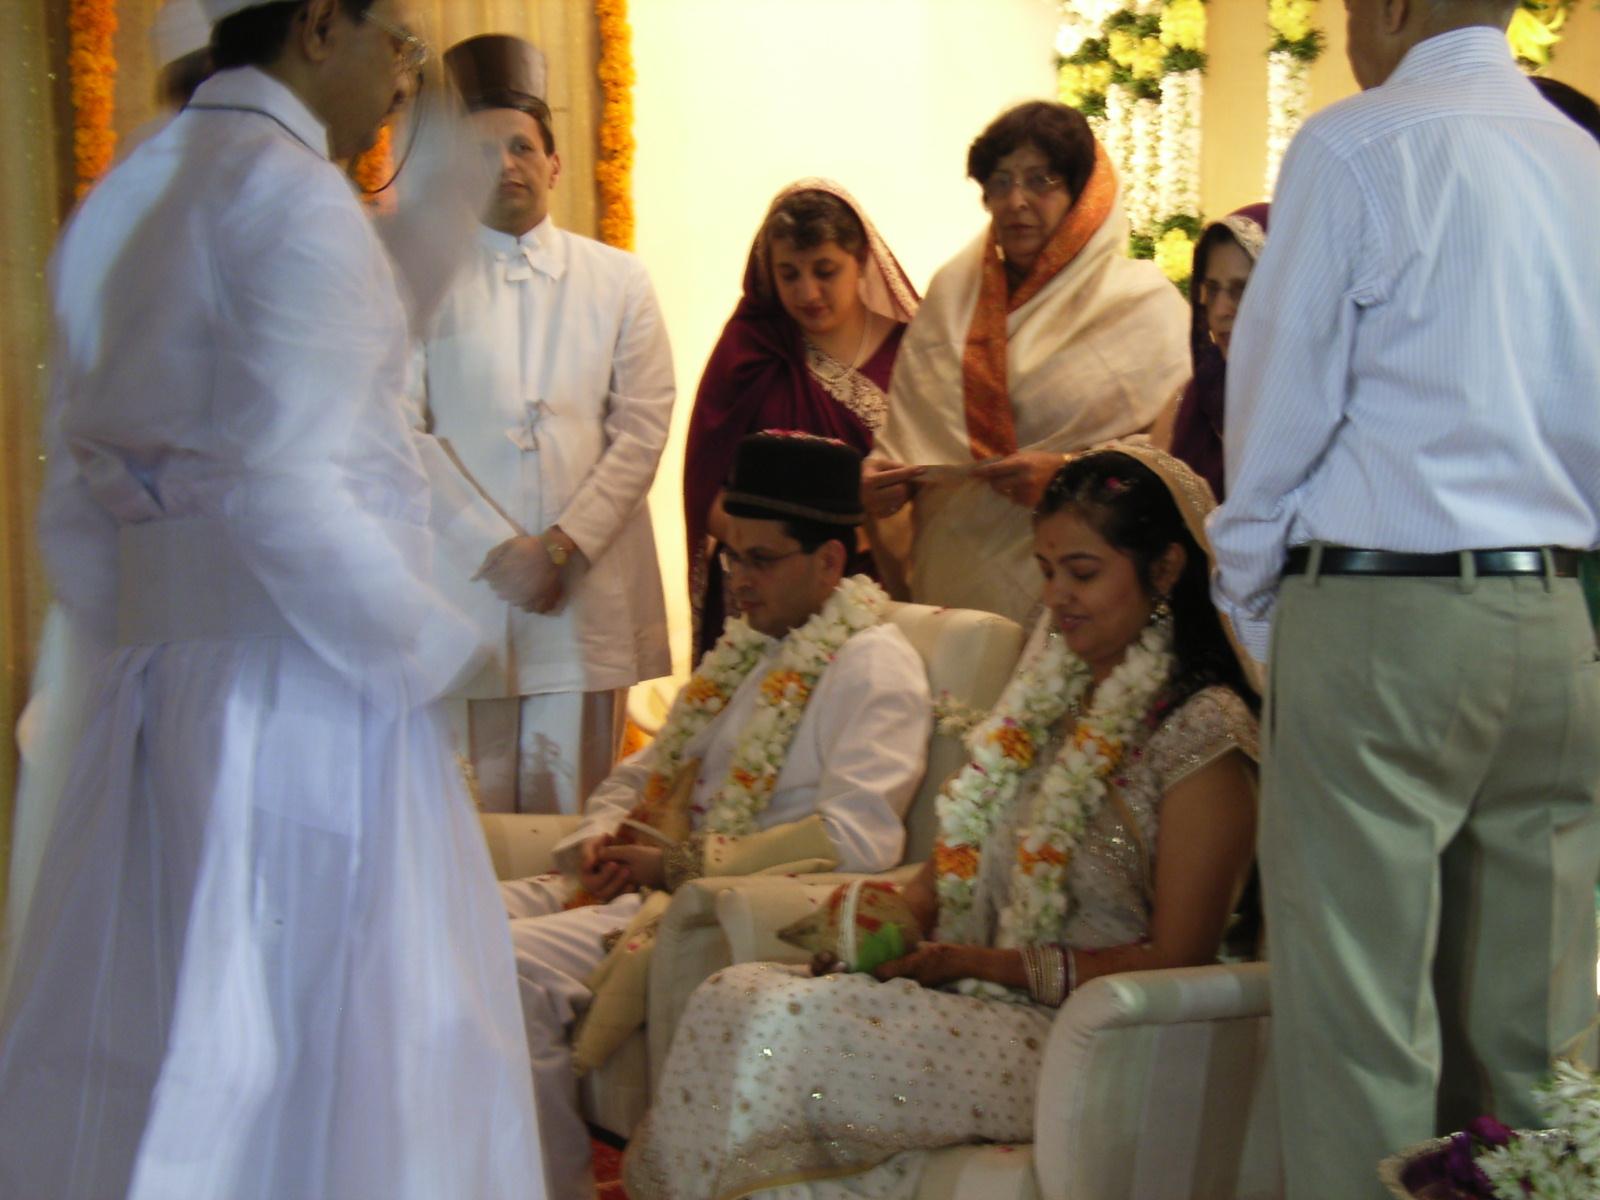 彼はインドでも珍しいゾロアスター教徒で、お嫁さんは多数派のヒンズー教徒。土曜日の夜ゾロアスター式で行い、日曜日の今日ヒンズー式で両方行う。